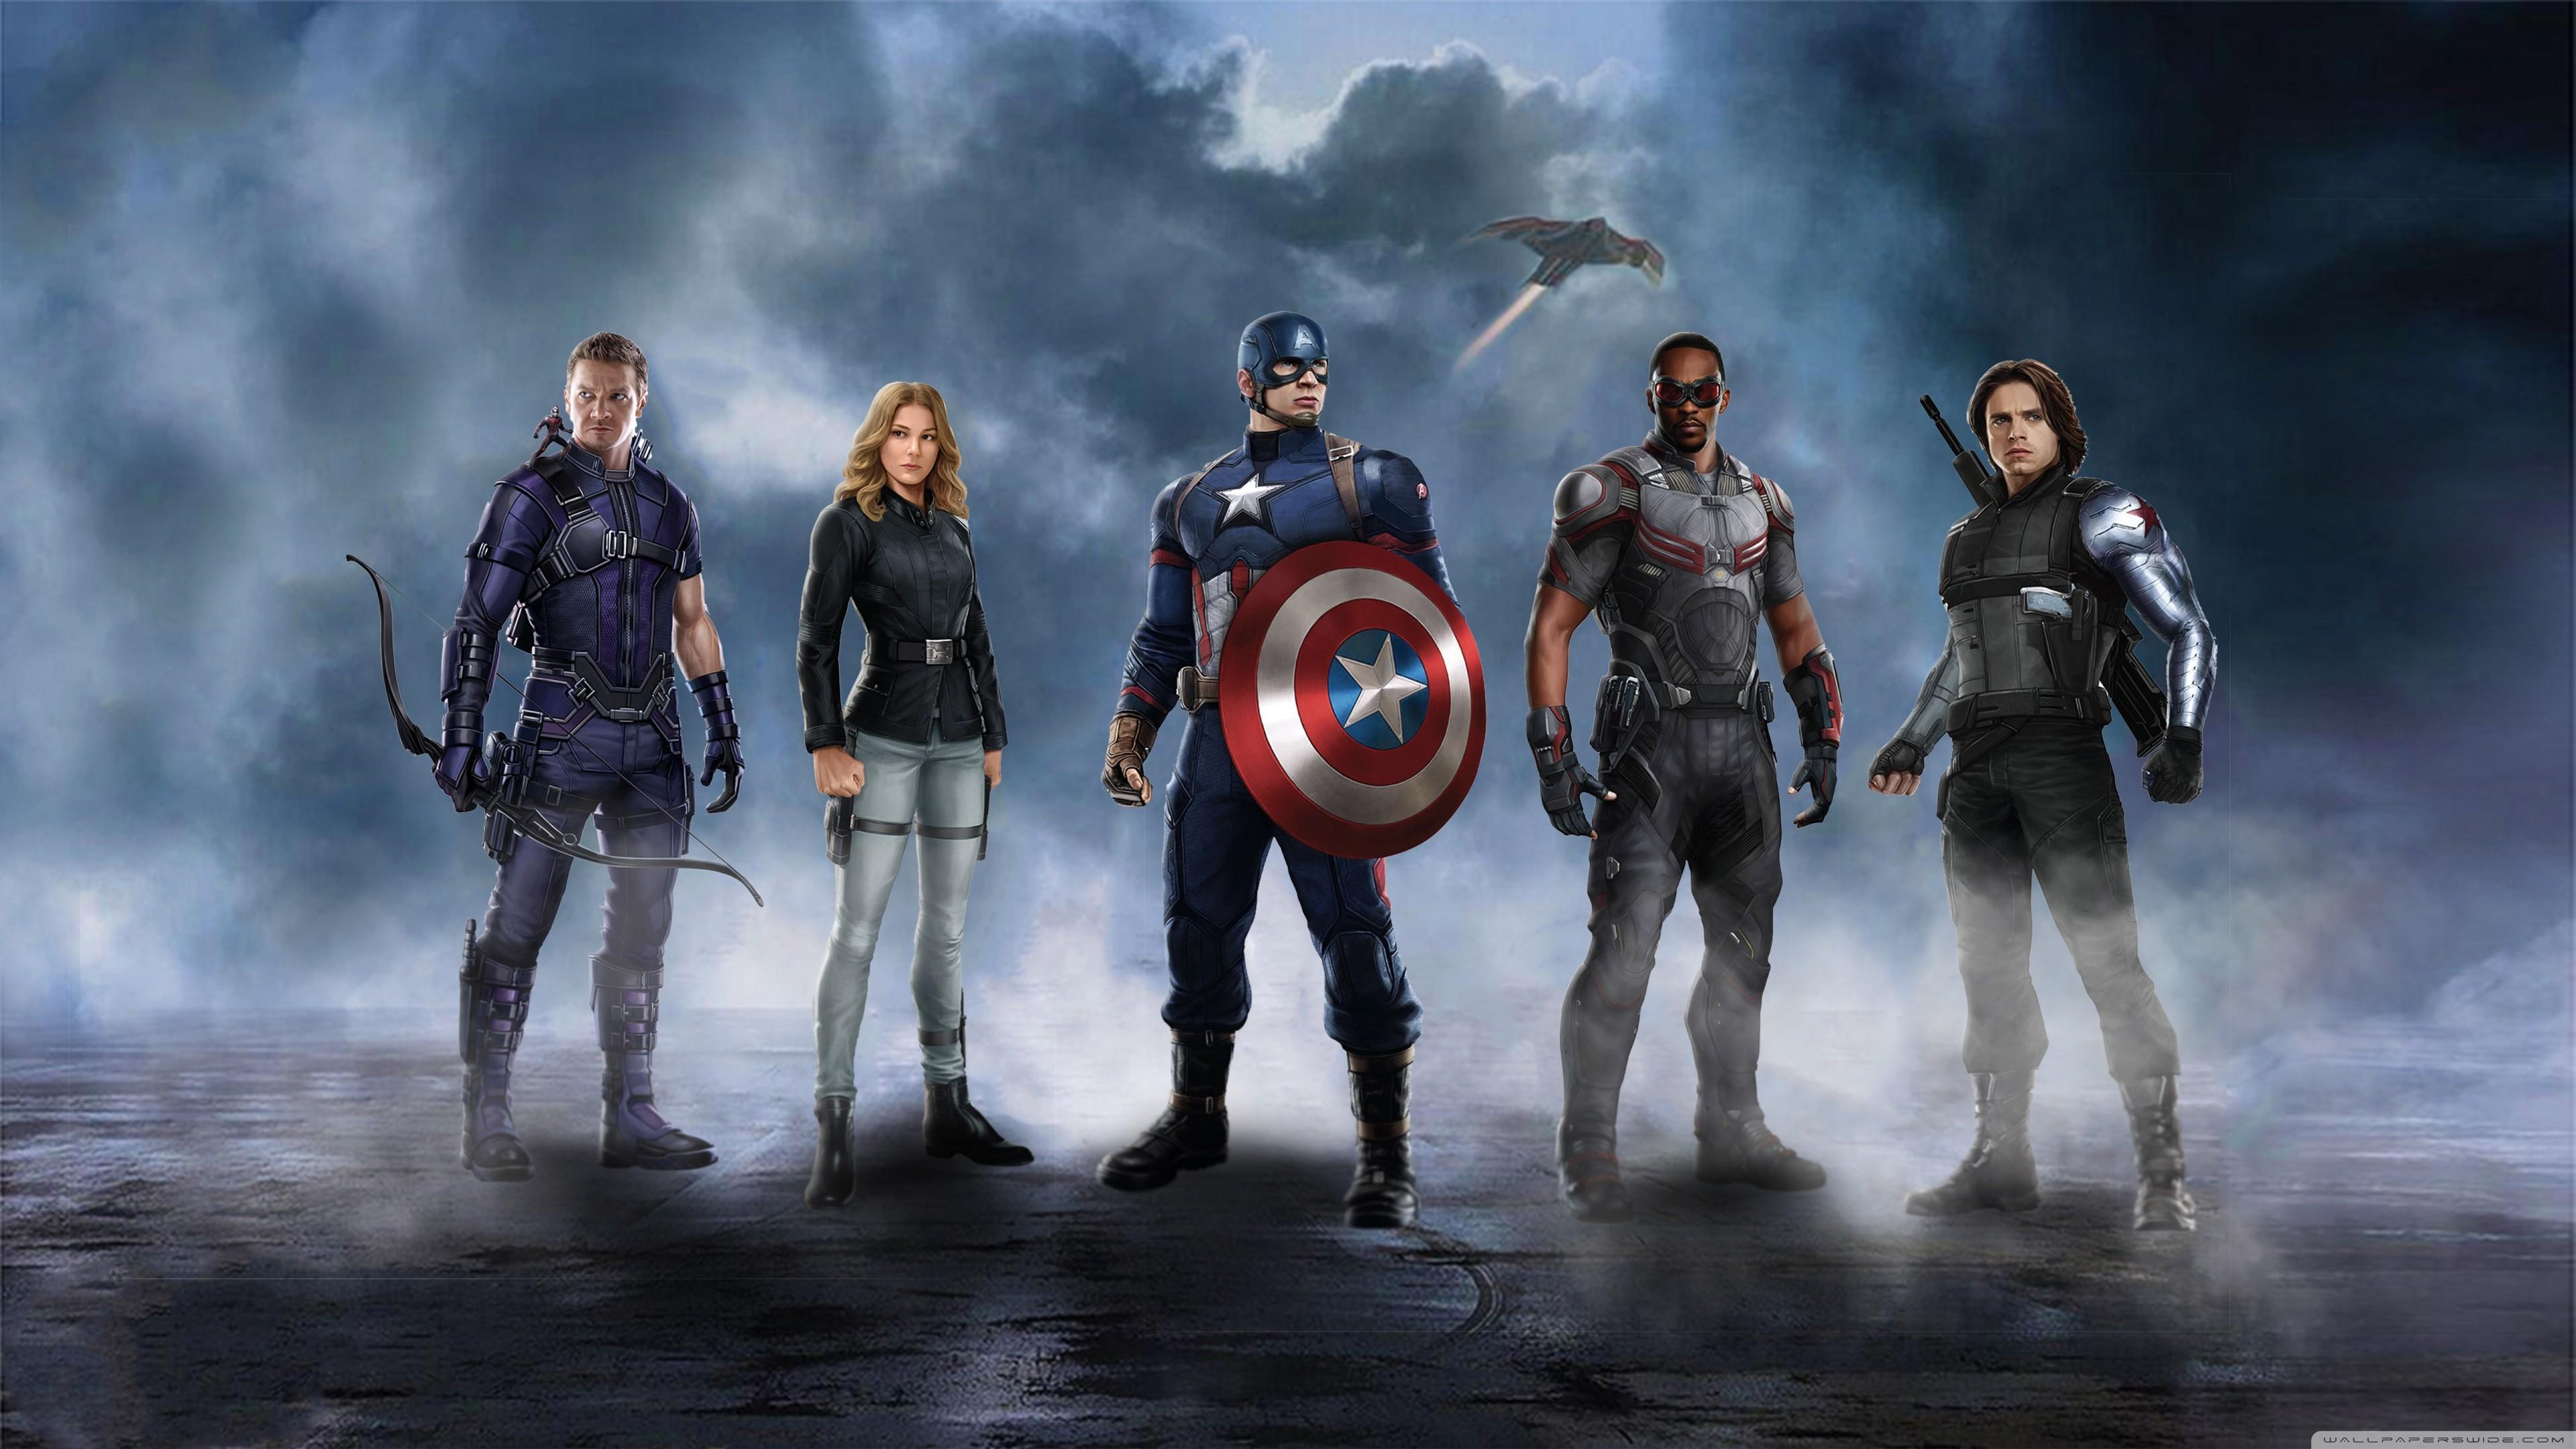 Captain America Civil War 4k: Captain America Civil War Desktop Wallpaper (77+ Images